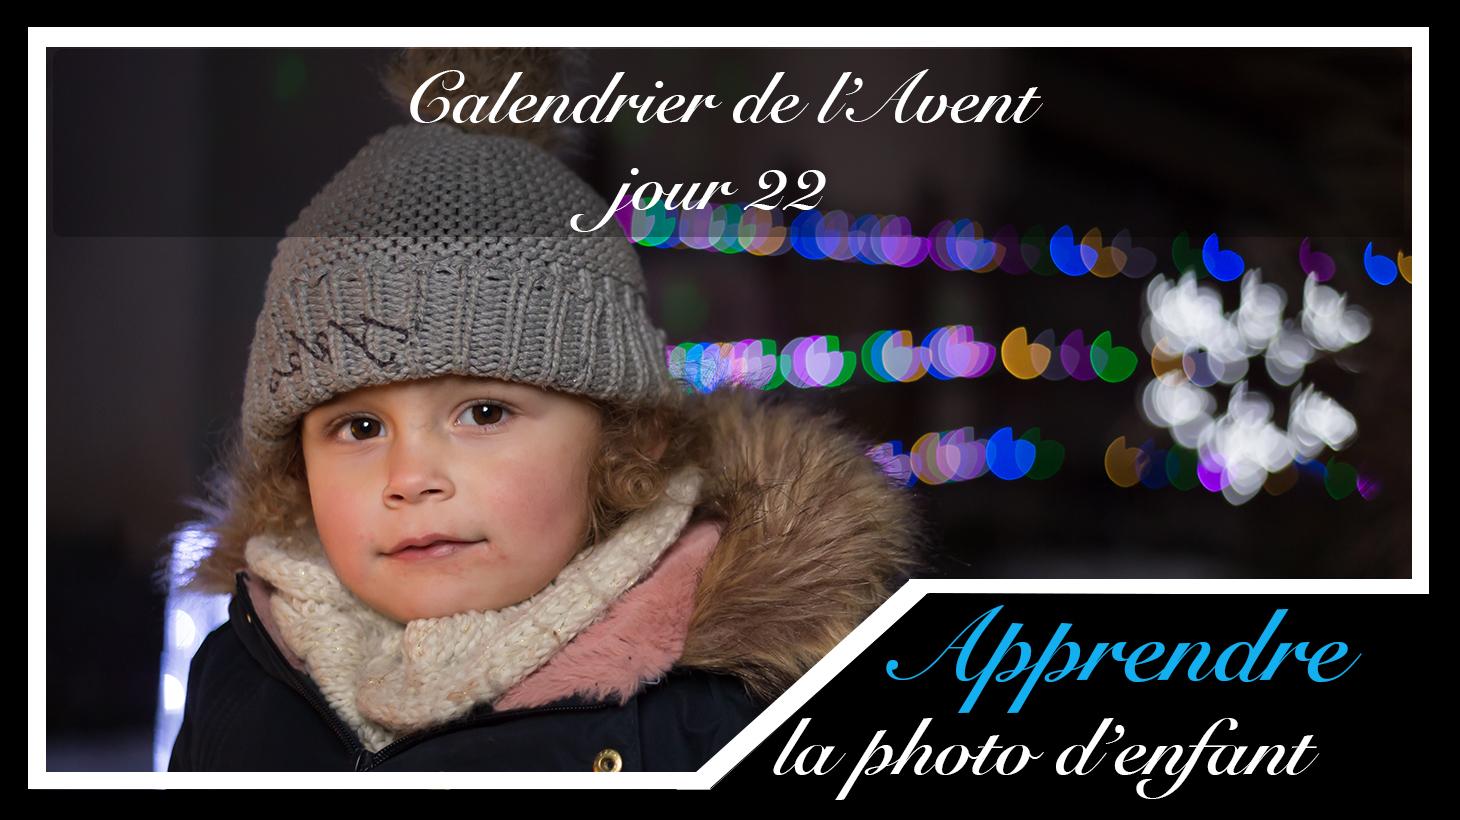 Jour 22 – Calendrier de l'Avent spécial Photo d'enfant